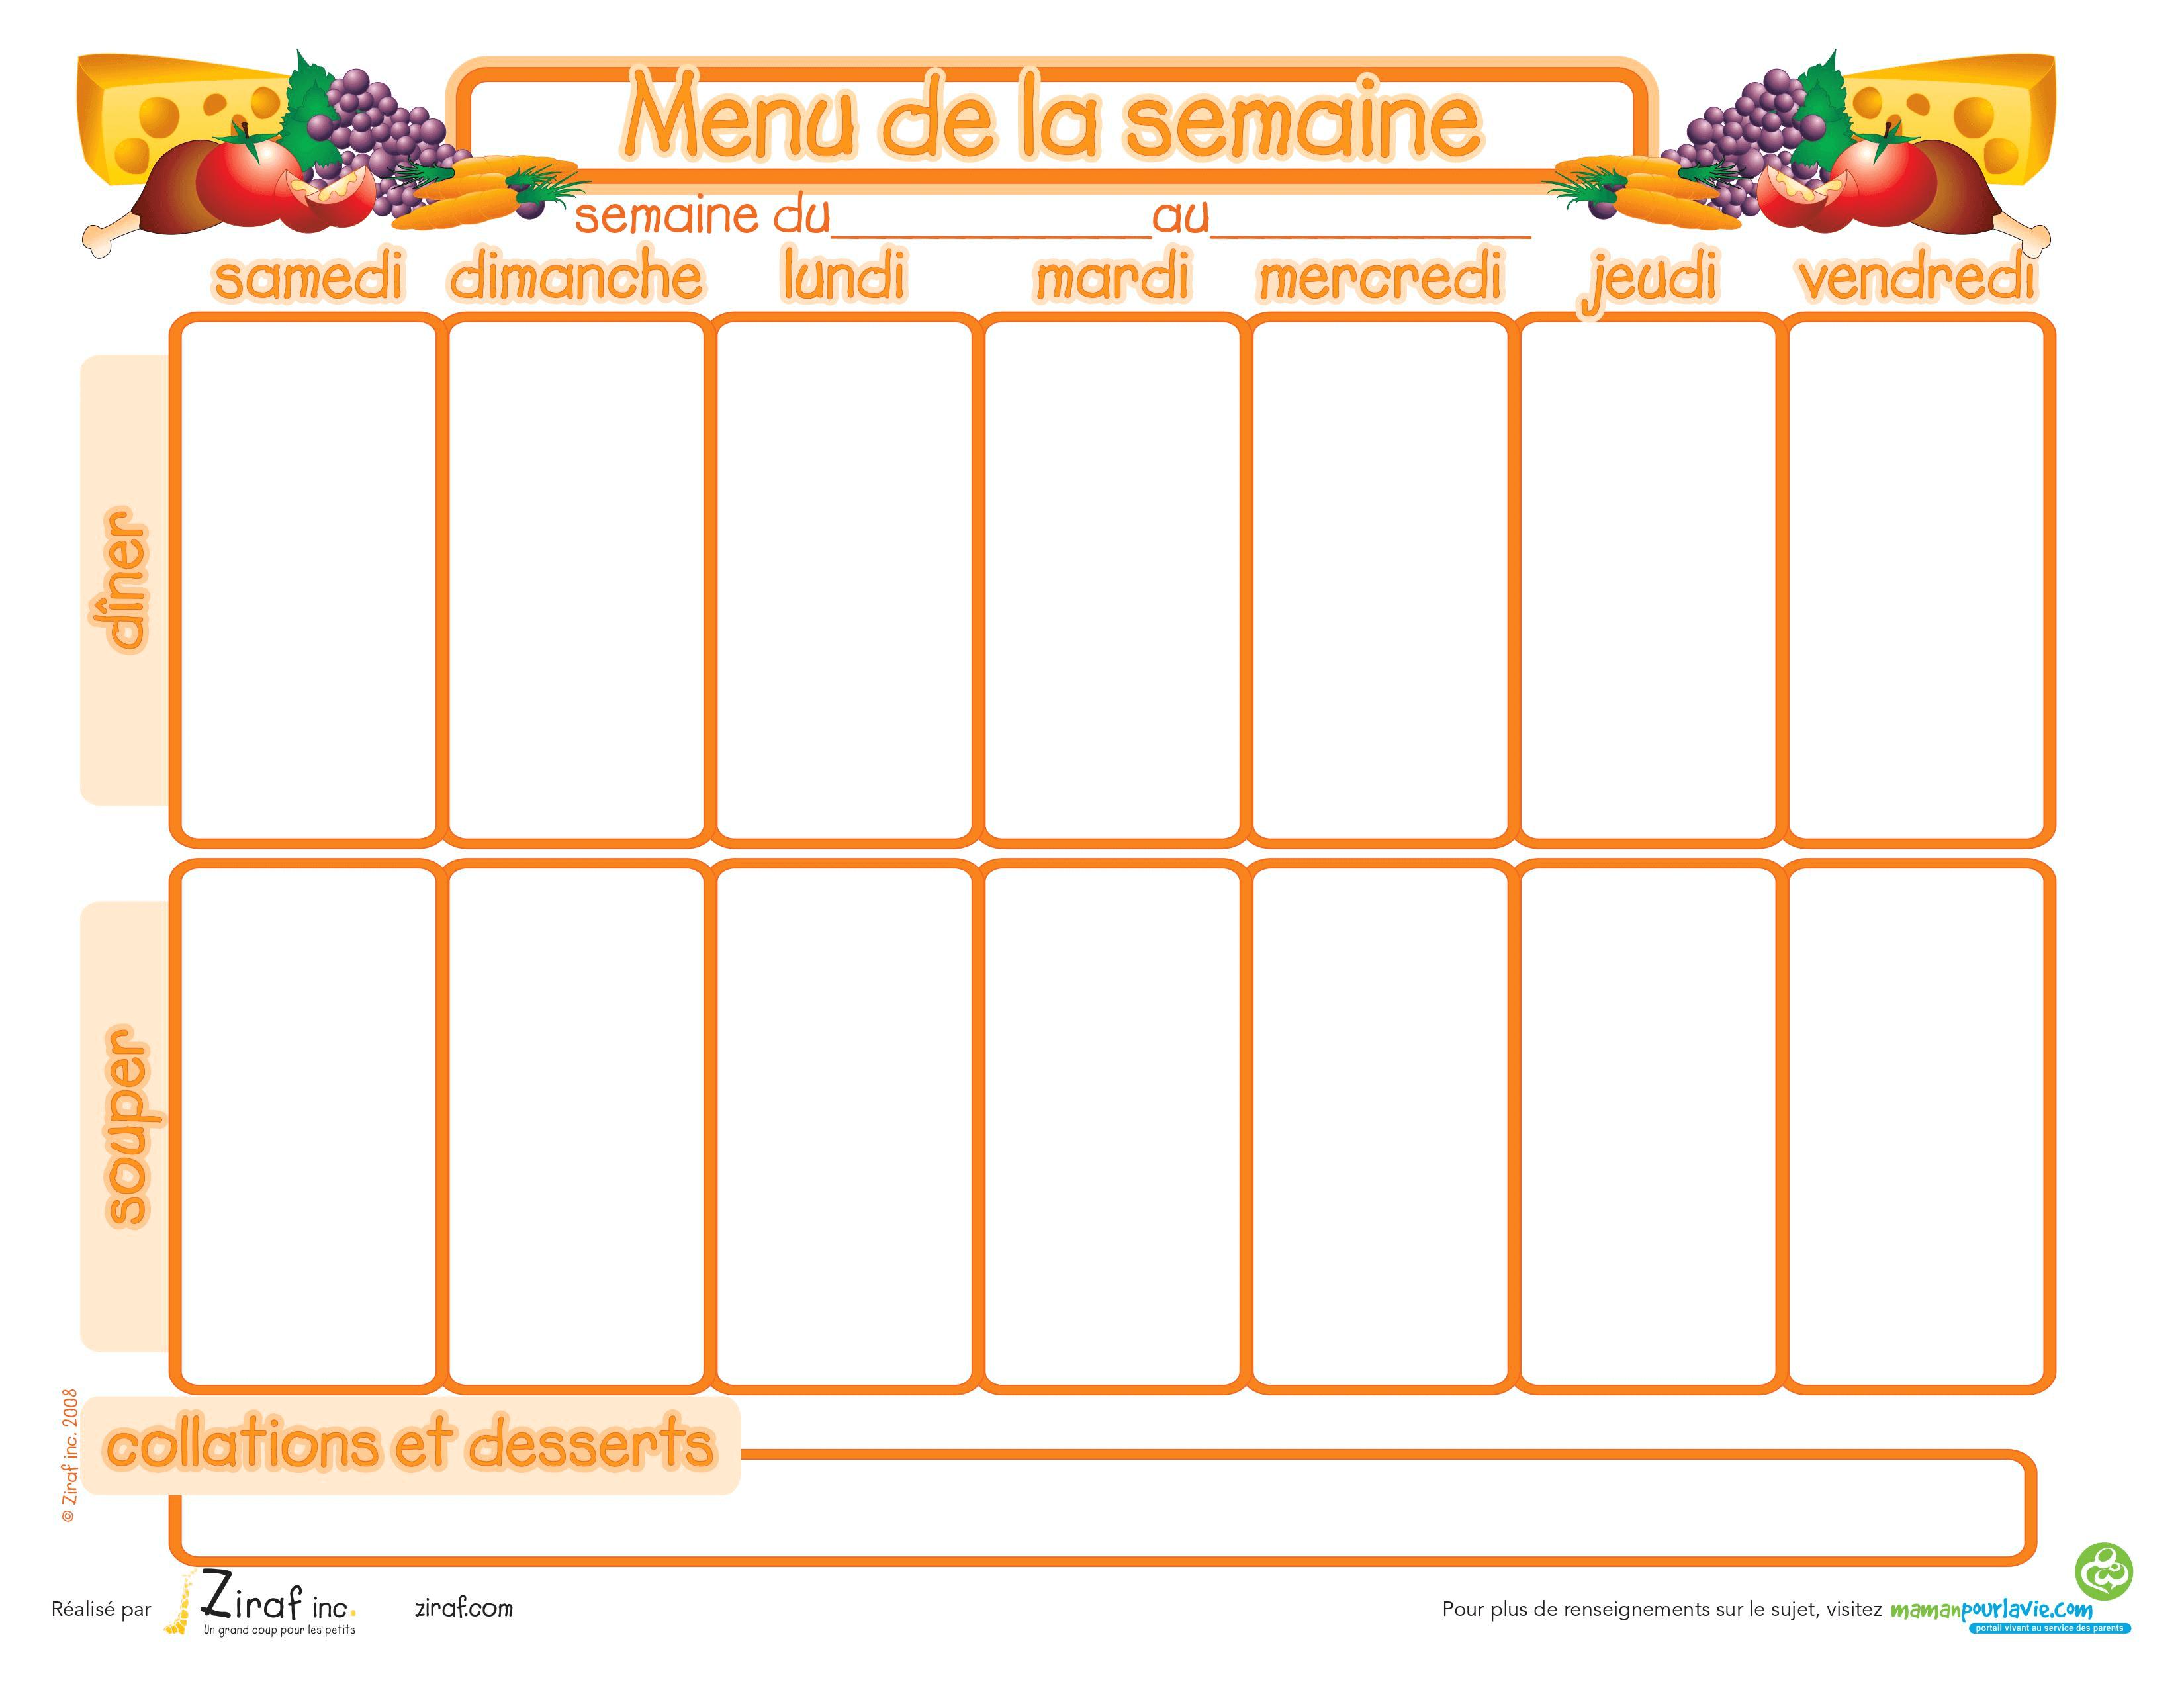 Menus de la semaine imprimer plannings vierges pdf for Repas dimanche midi entre amis